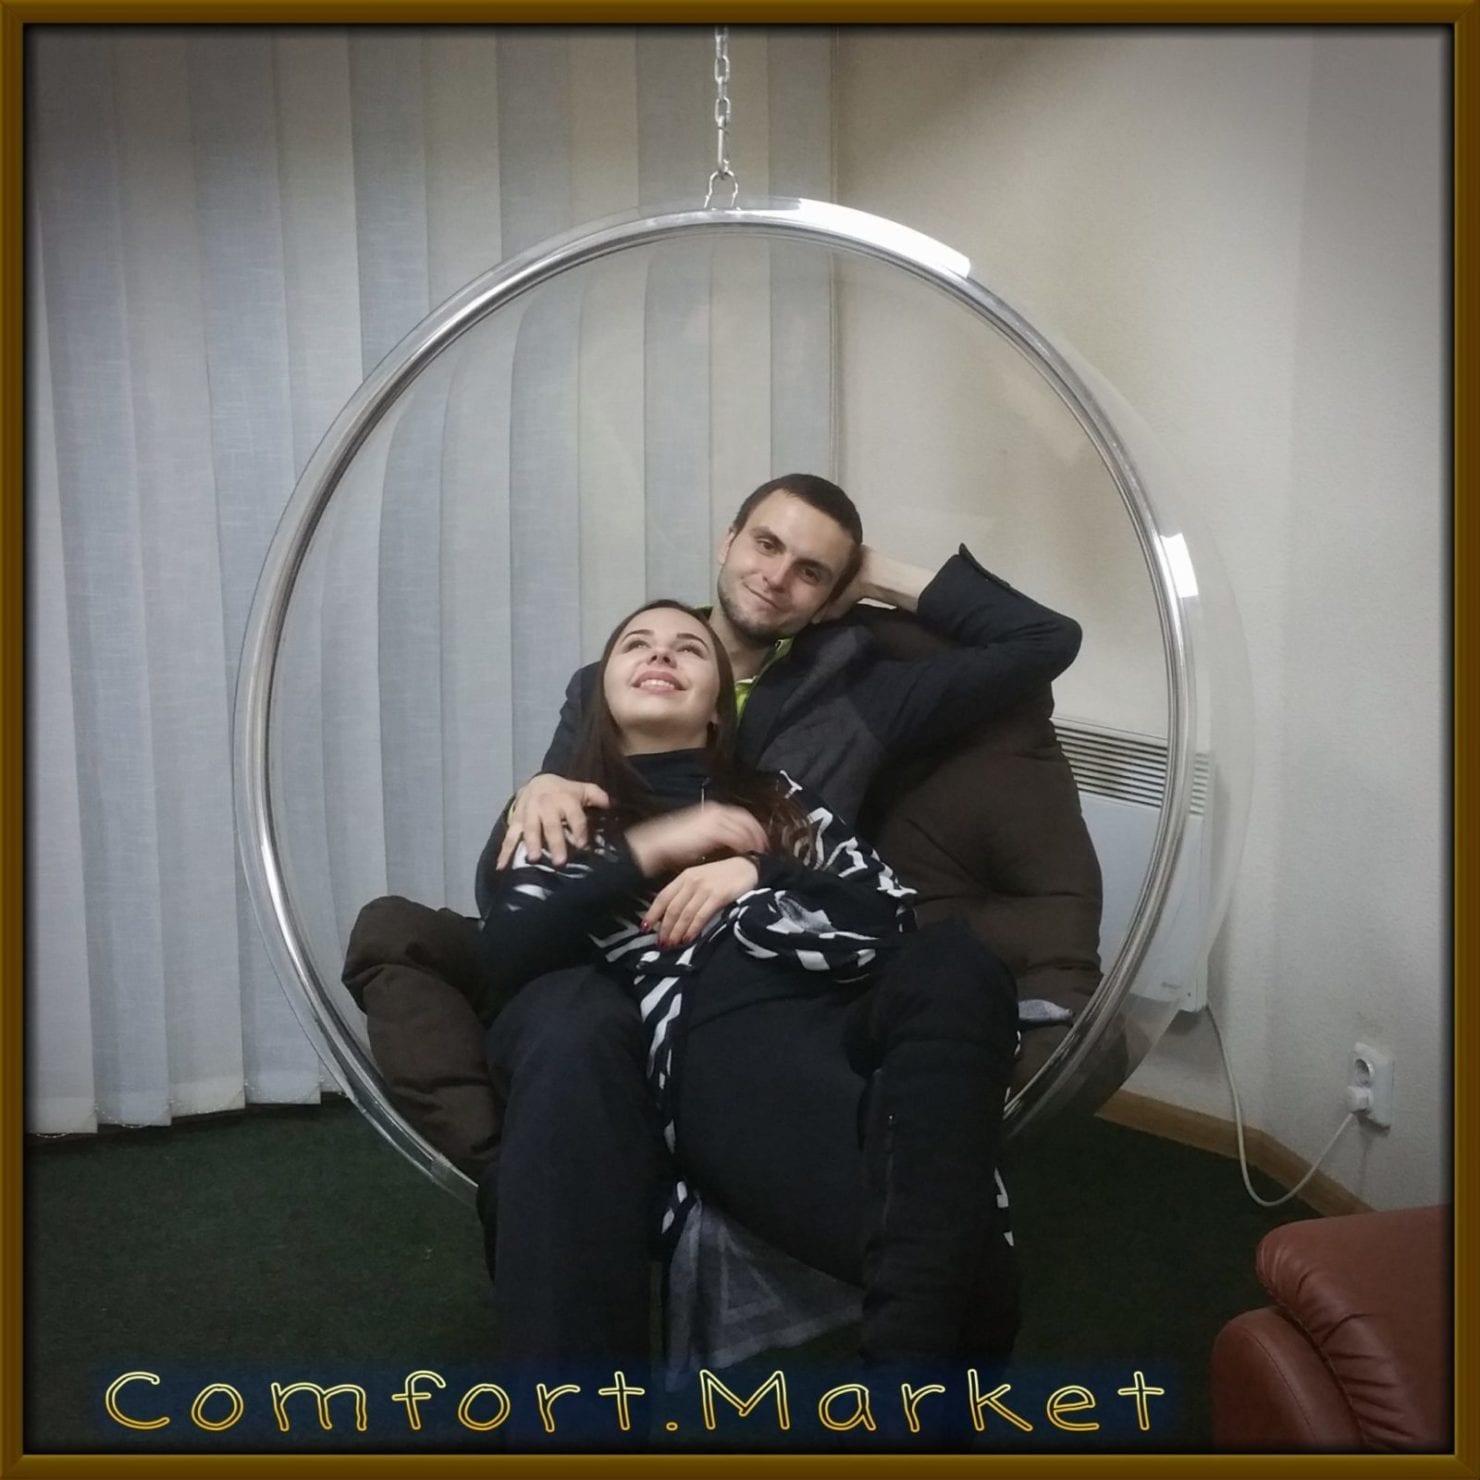 Мебель и дизайн интерьера - Comfort Market